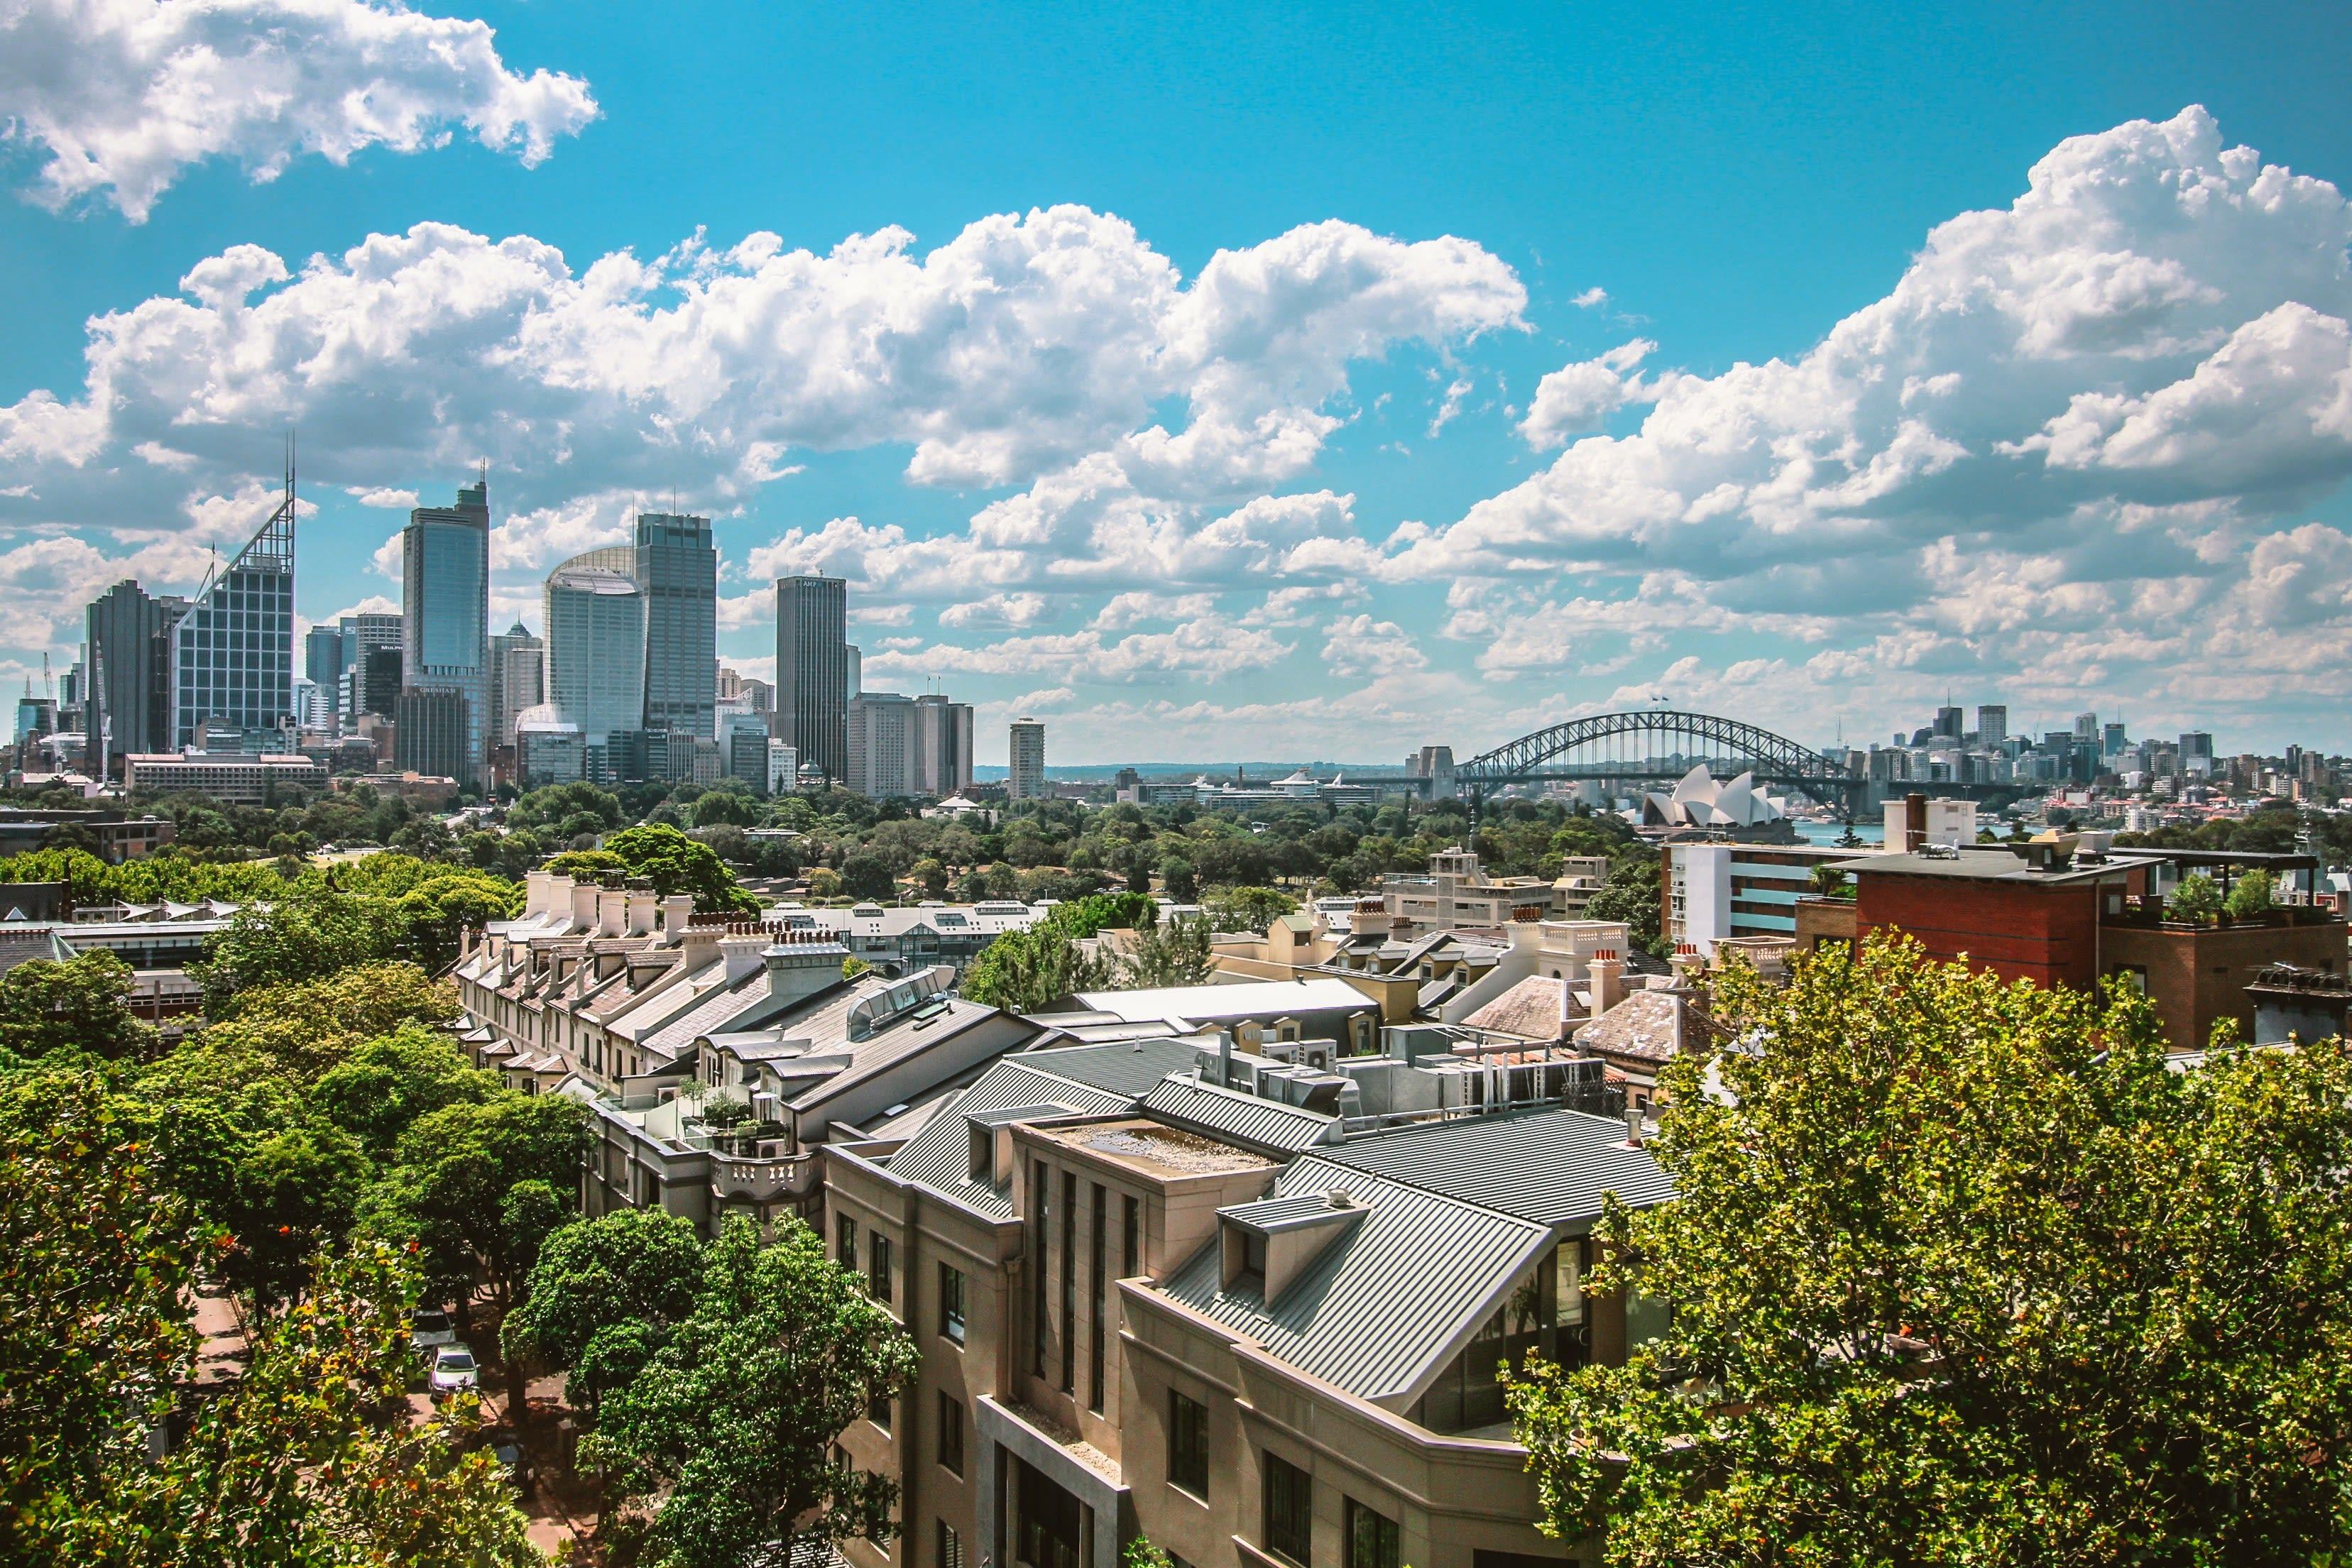 lo skyline di Sydney con alberi e case in primo piano